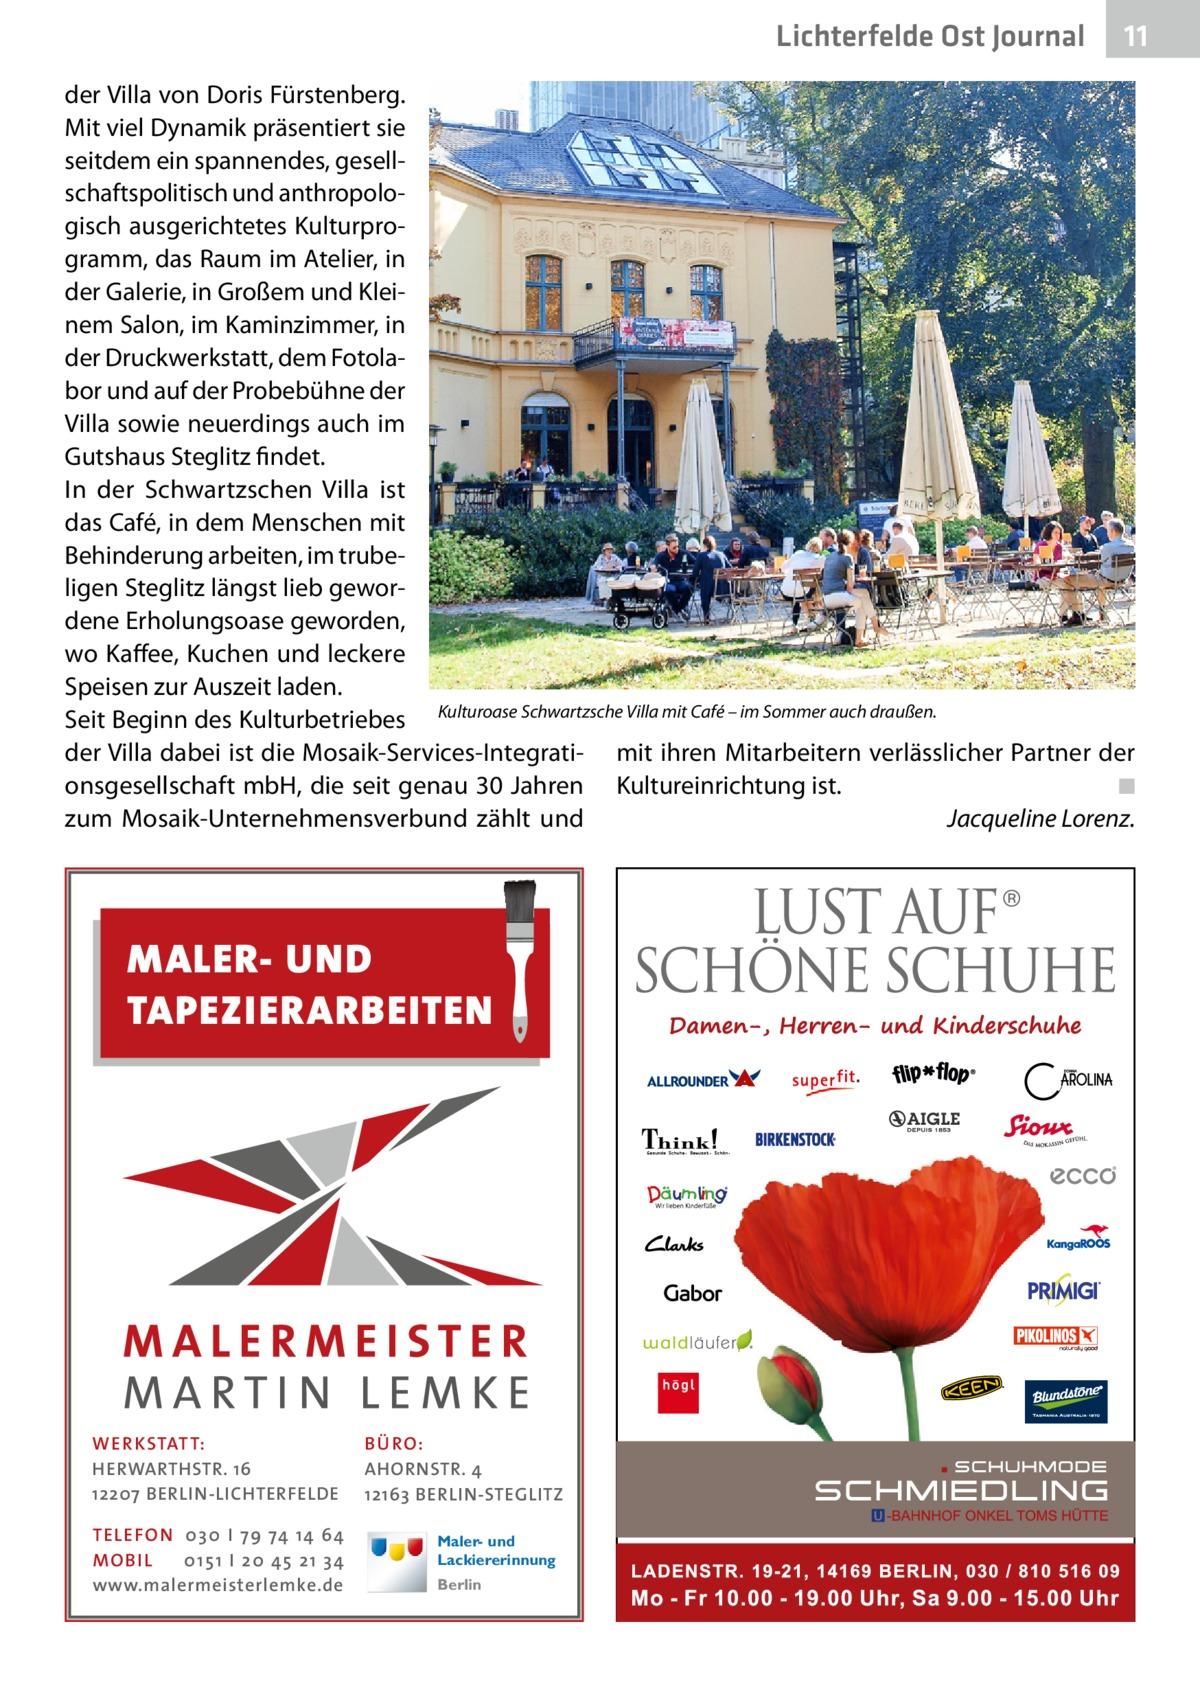 Lichterfelde Ost Journal  11 11  der Villa von Doris Fürstenberg. Mit viel Dynamik präsentiert sie seitdem ein spannendes, gesellschaftspolitisch und anthropologisch ausgerichtetes Kulturprogramm, das Raum im Atelier, in der Galerie, in Großem und Kleinem Salon, im Kaminzimmer, in der Druckwerkstatt, dem Fotolabor und auf der Probebühne der Villa sowie neuerdings auch im Gutshaus Steglitz findet. In der Schwartzschen Villa ist das Café, in dem Menschen mit Behinderung arbeiten, im trubeligen Steglitz längst lieb gewordene Erholungsoase geworden, wo Kaffee, Kuchen und leckere Speisen zur Auszeit laden. Seit Beginn des Kulturbetriebes Kulturoase Schwartzsche Villa mit Café – im Sommer auch draußen. der Villa dabei ist die Mosaik-Services-Integrati- mit ihren Mitarbeitern verlässlicher Partner der onsgesellschaft mbH, die seit genau 30Jahren Kultureinrichtung ist.� ◾ zum Mosaik-Unternehmensverbund zählt und � Jacqueline Lorenz.  MALER- UND TAPEZIERARBEITEN  WE R KSTATT: HERWARTHSTR. 16 12207 BERLIN-LICHTERFELDE TE LE FON 0 3 0 I 7 9 74 14 64 MO B I L 0 1 5 1 I 2 0 45 2 1 3 4 www.malermeisterlemke.de  BÜ RO: AHORNSTR. 4 12163 BERLIN-STEGLITZ Maler- und Lackiererinnung Berlin